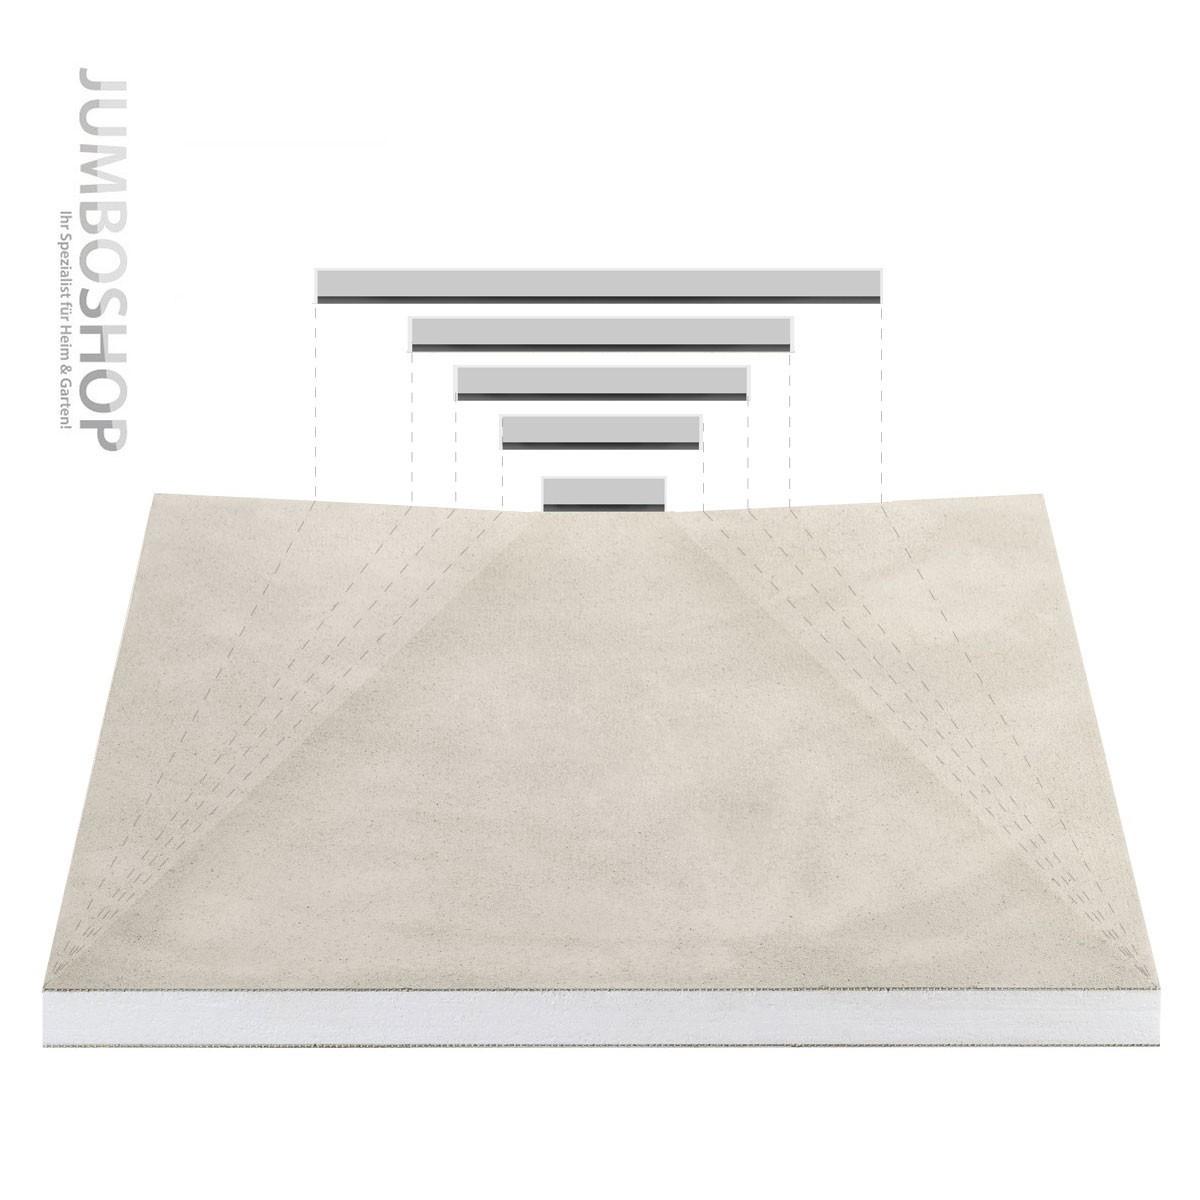 befliesbares duschelement ablauf seitlich arcom center befliesbares duschelement 90 x 90 cm. Black Bedroom Furniture Sets. Home Design Ideas